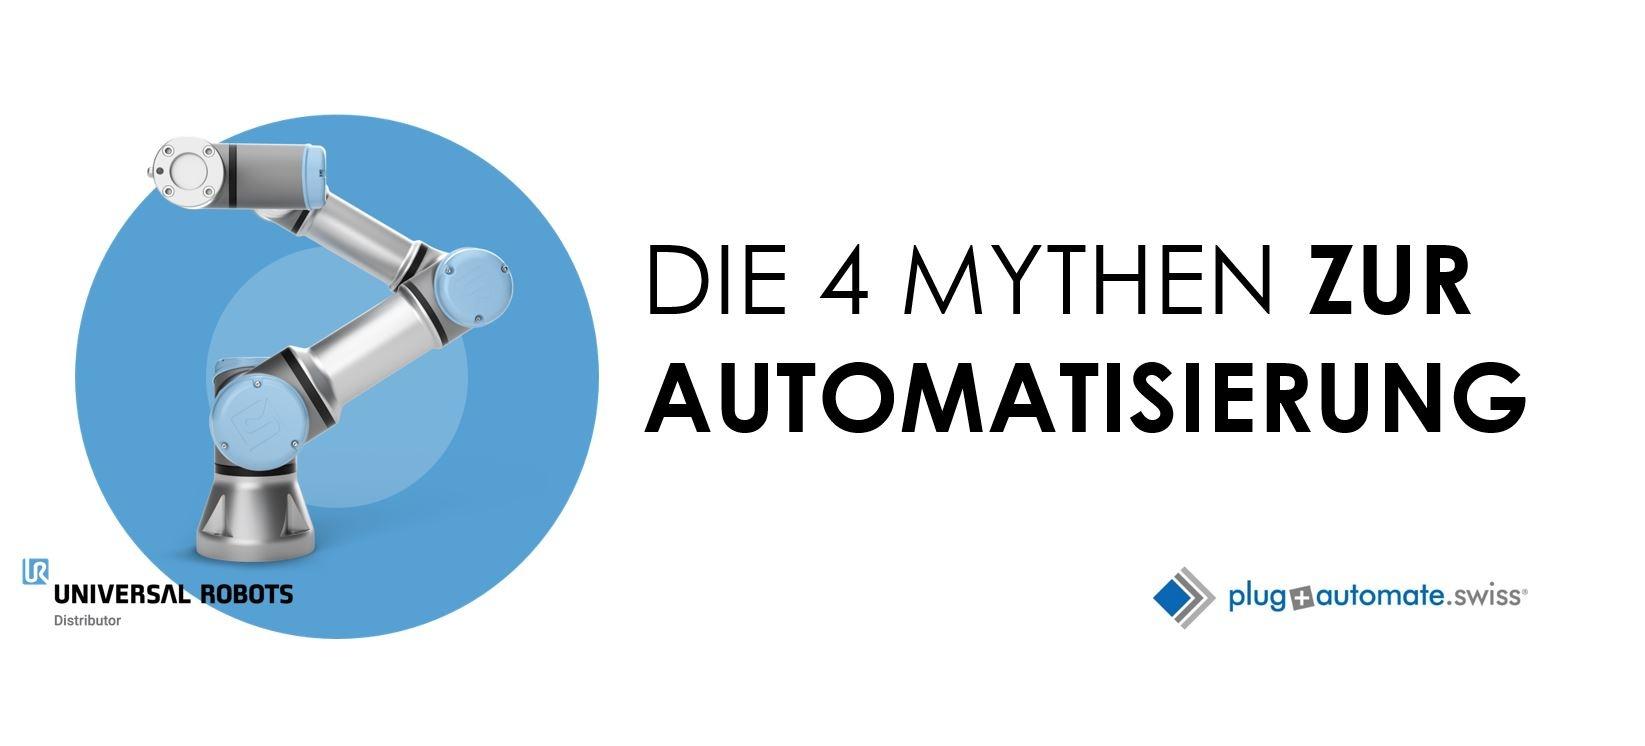 IM TEST: 4 MYTHEN ZUR AUTOMATISIERUNG